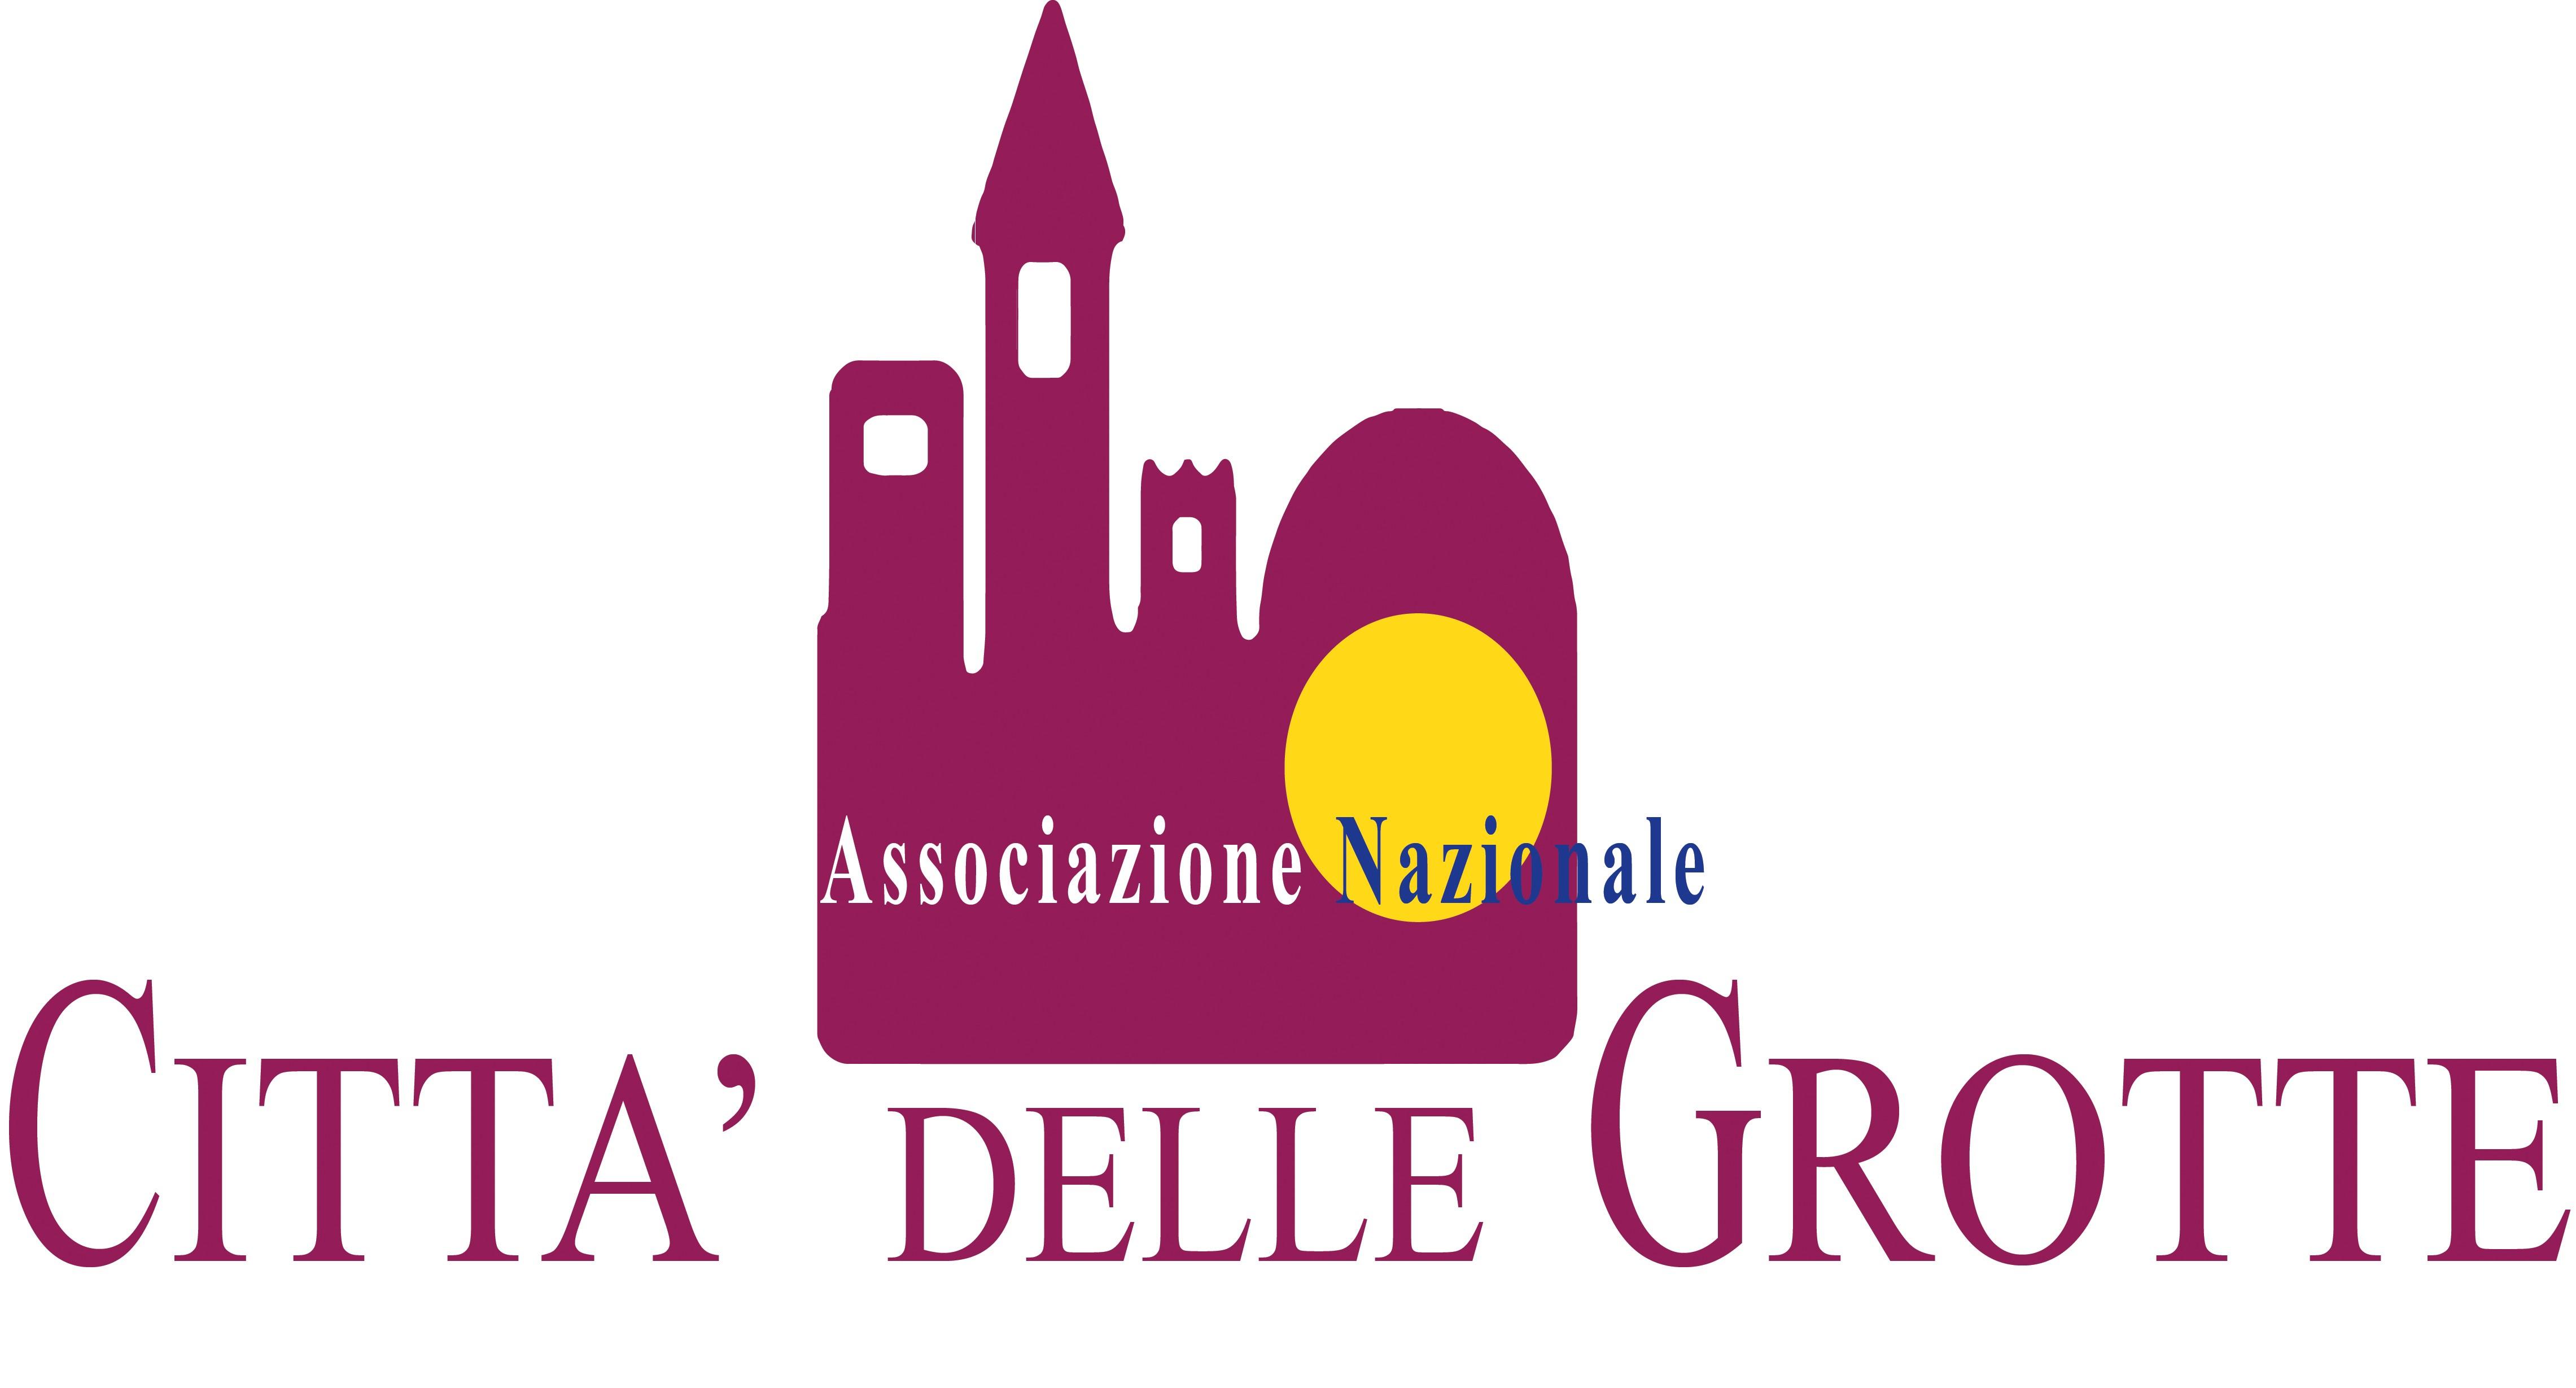 Assemblea Nazionale Città delle Grotte | 27 - 28 ottobre 2018 | Pastena (Fr)